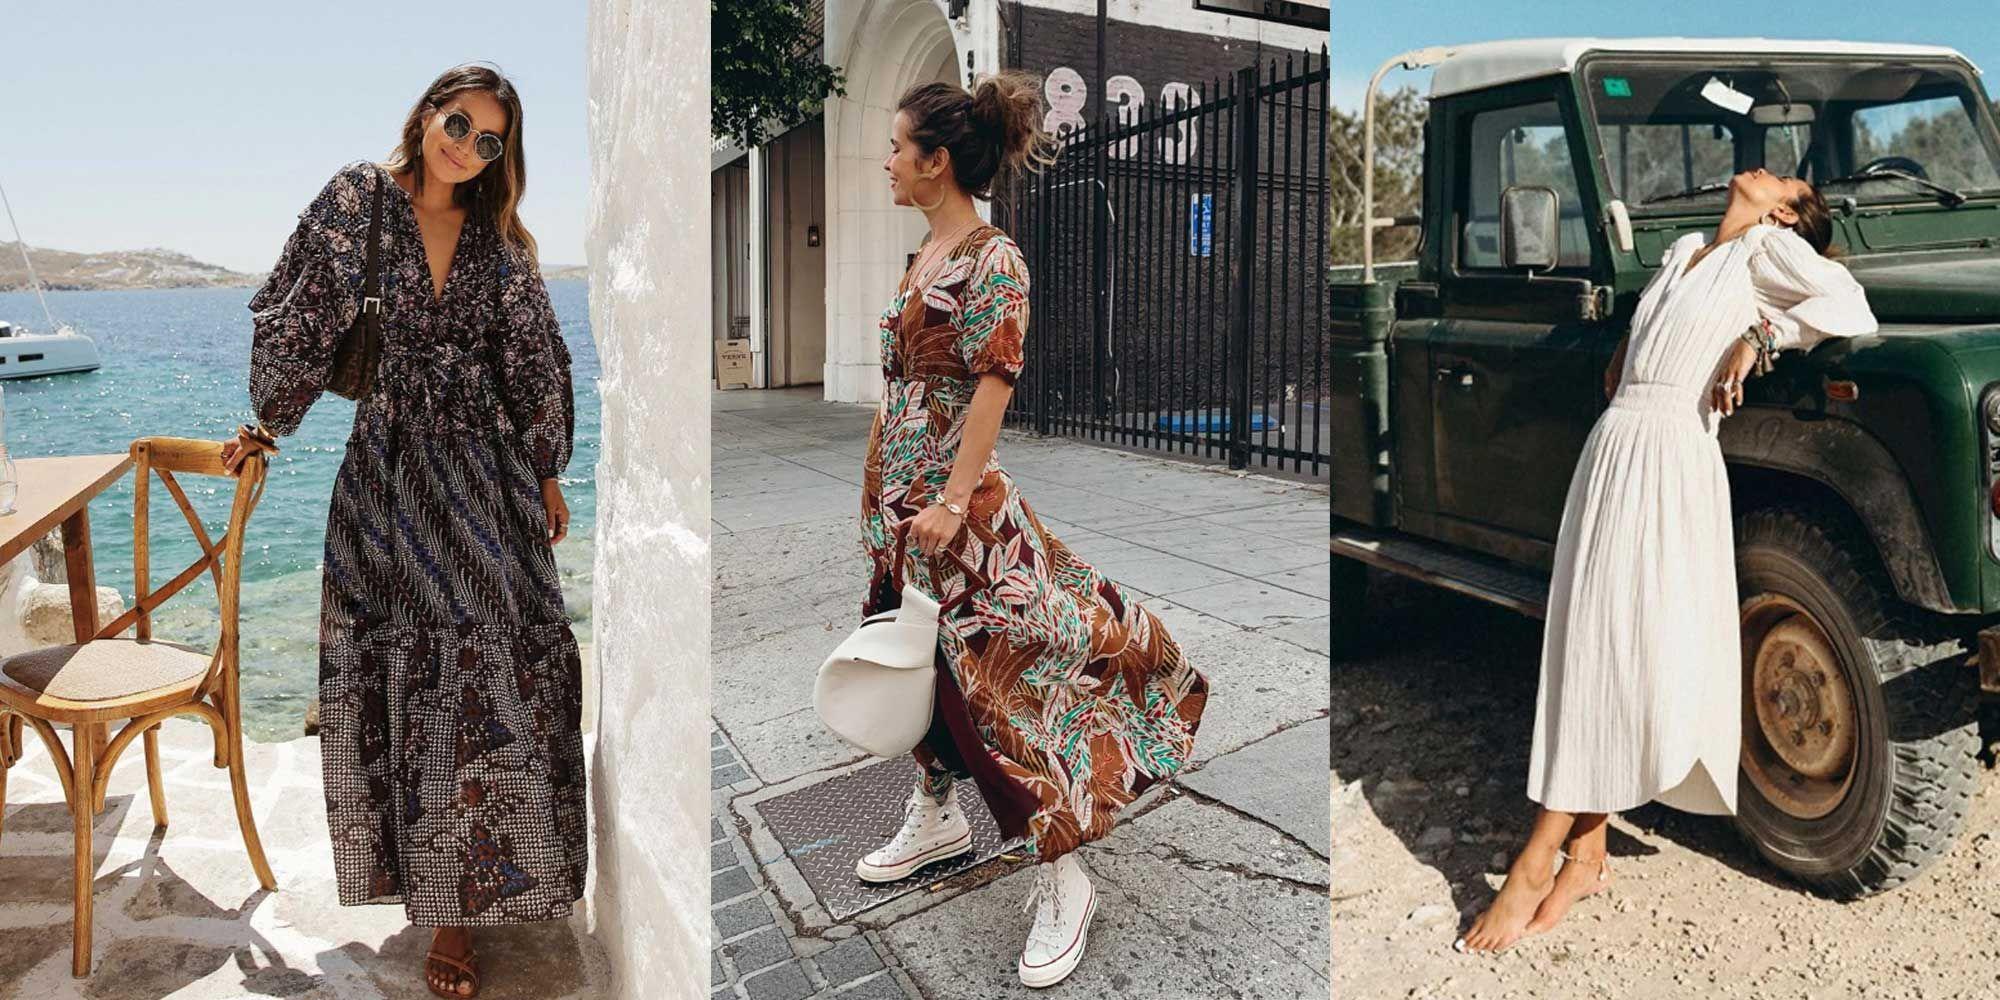 Cómo Largos Vestidos Llevar En Instagram Según Verano H92YDEIW